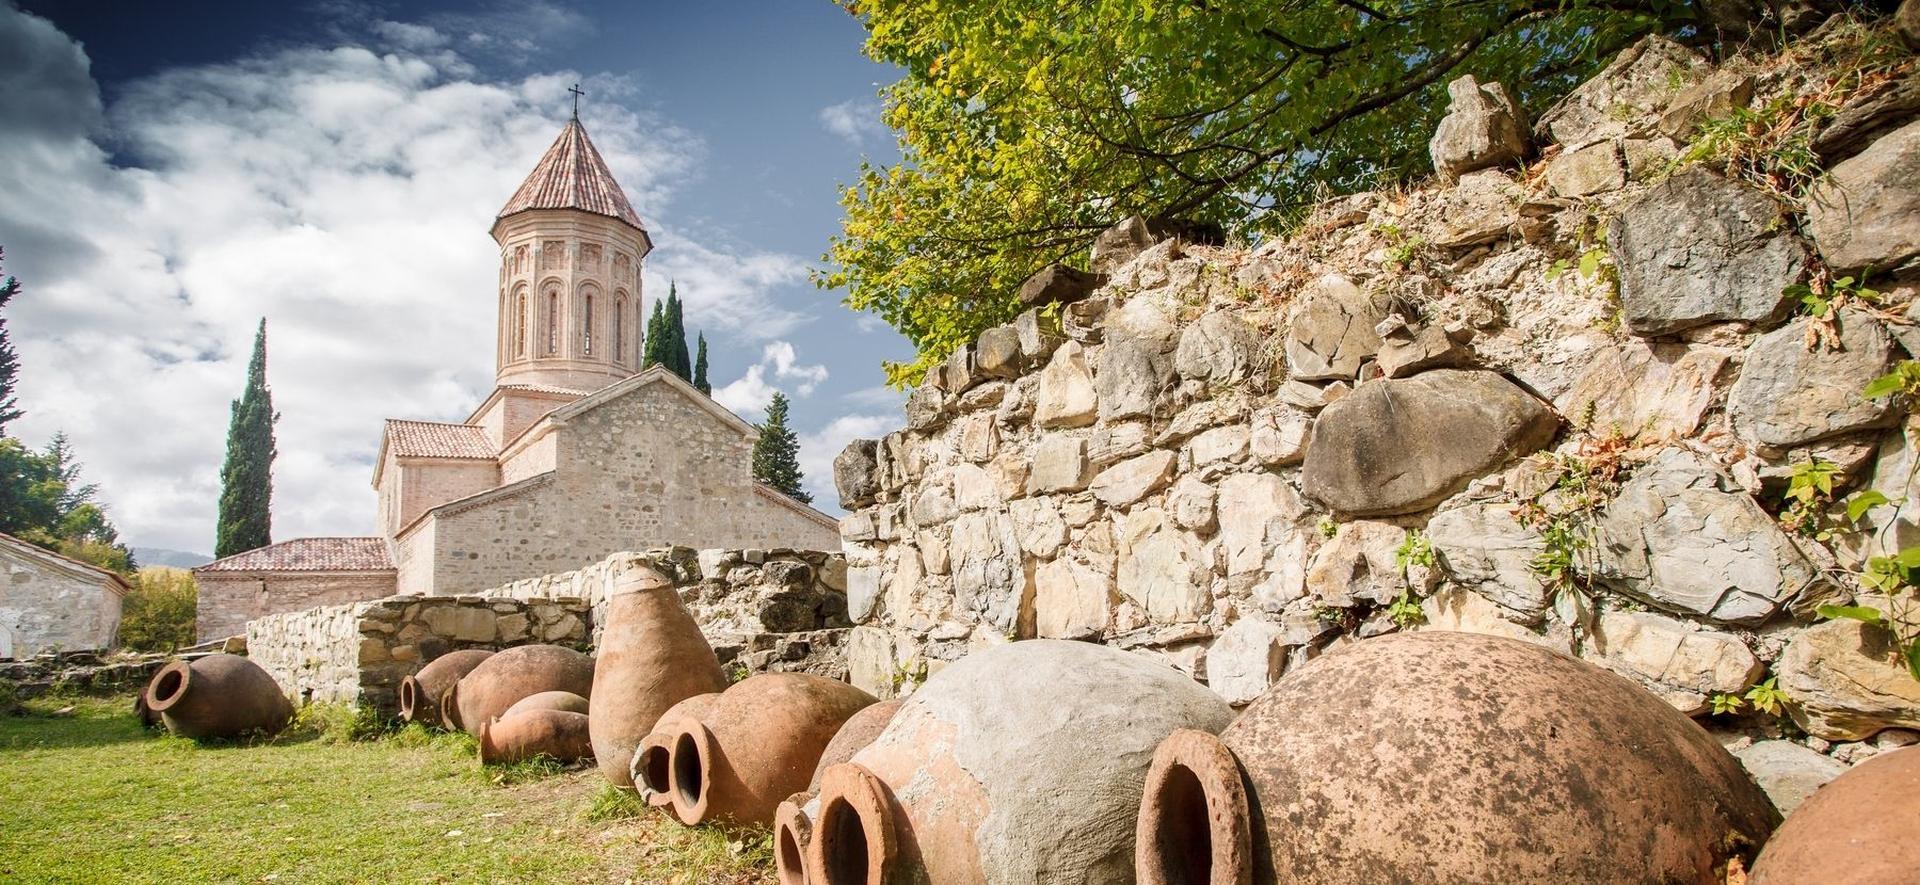 Грузия, Армения, Азербайджан